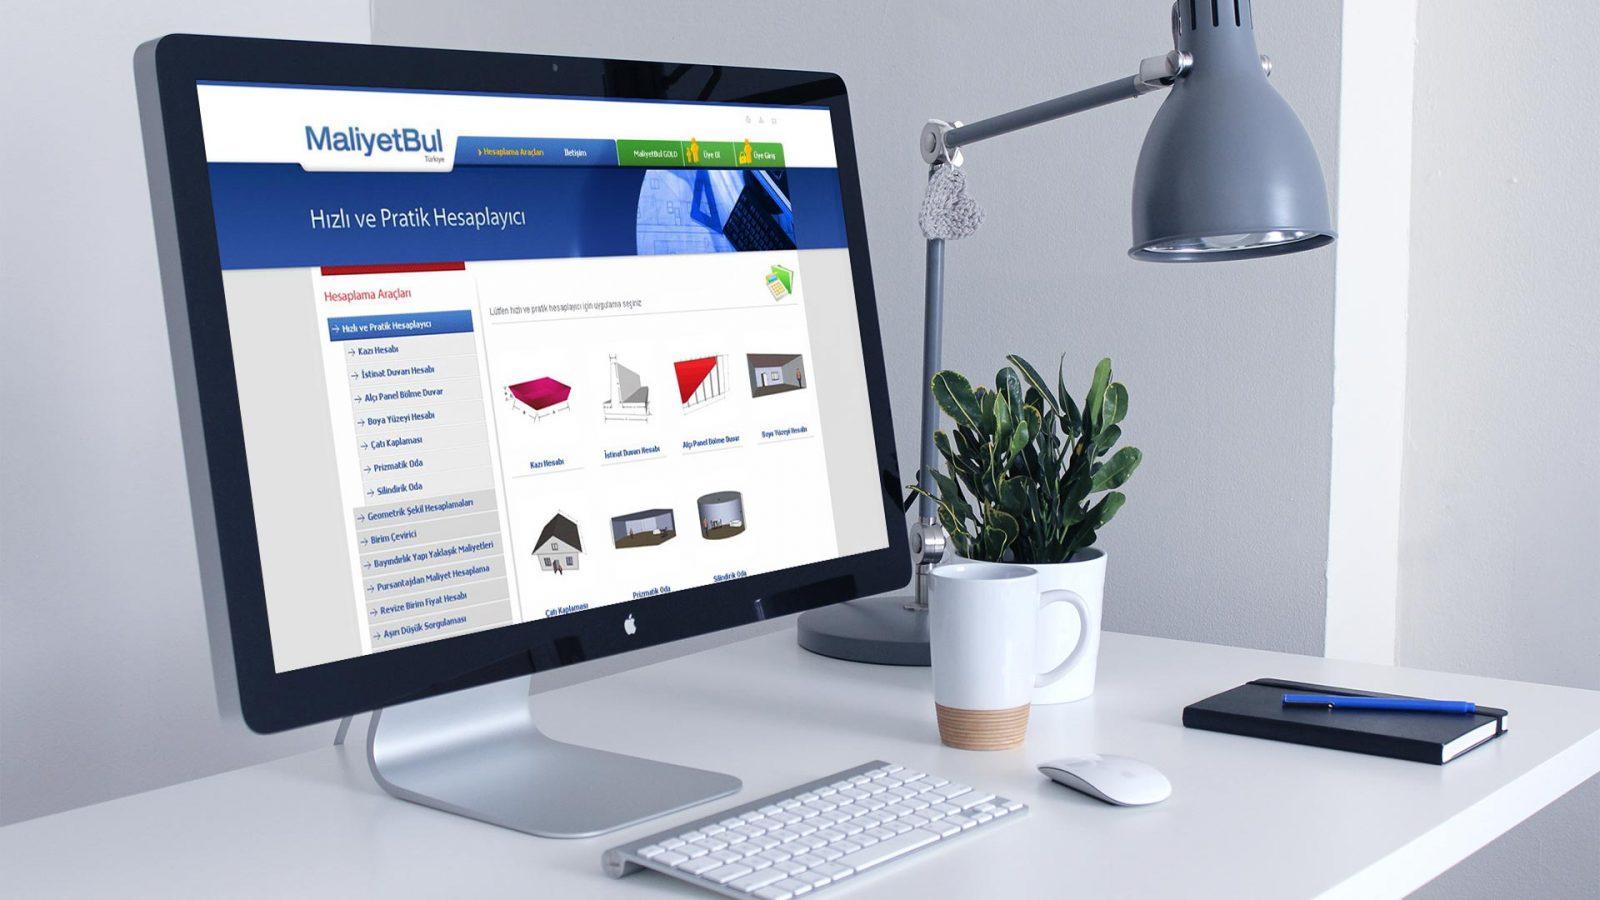 maliyetbul web sitesi tasarımı 03